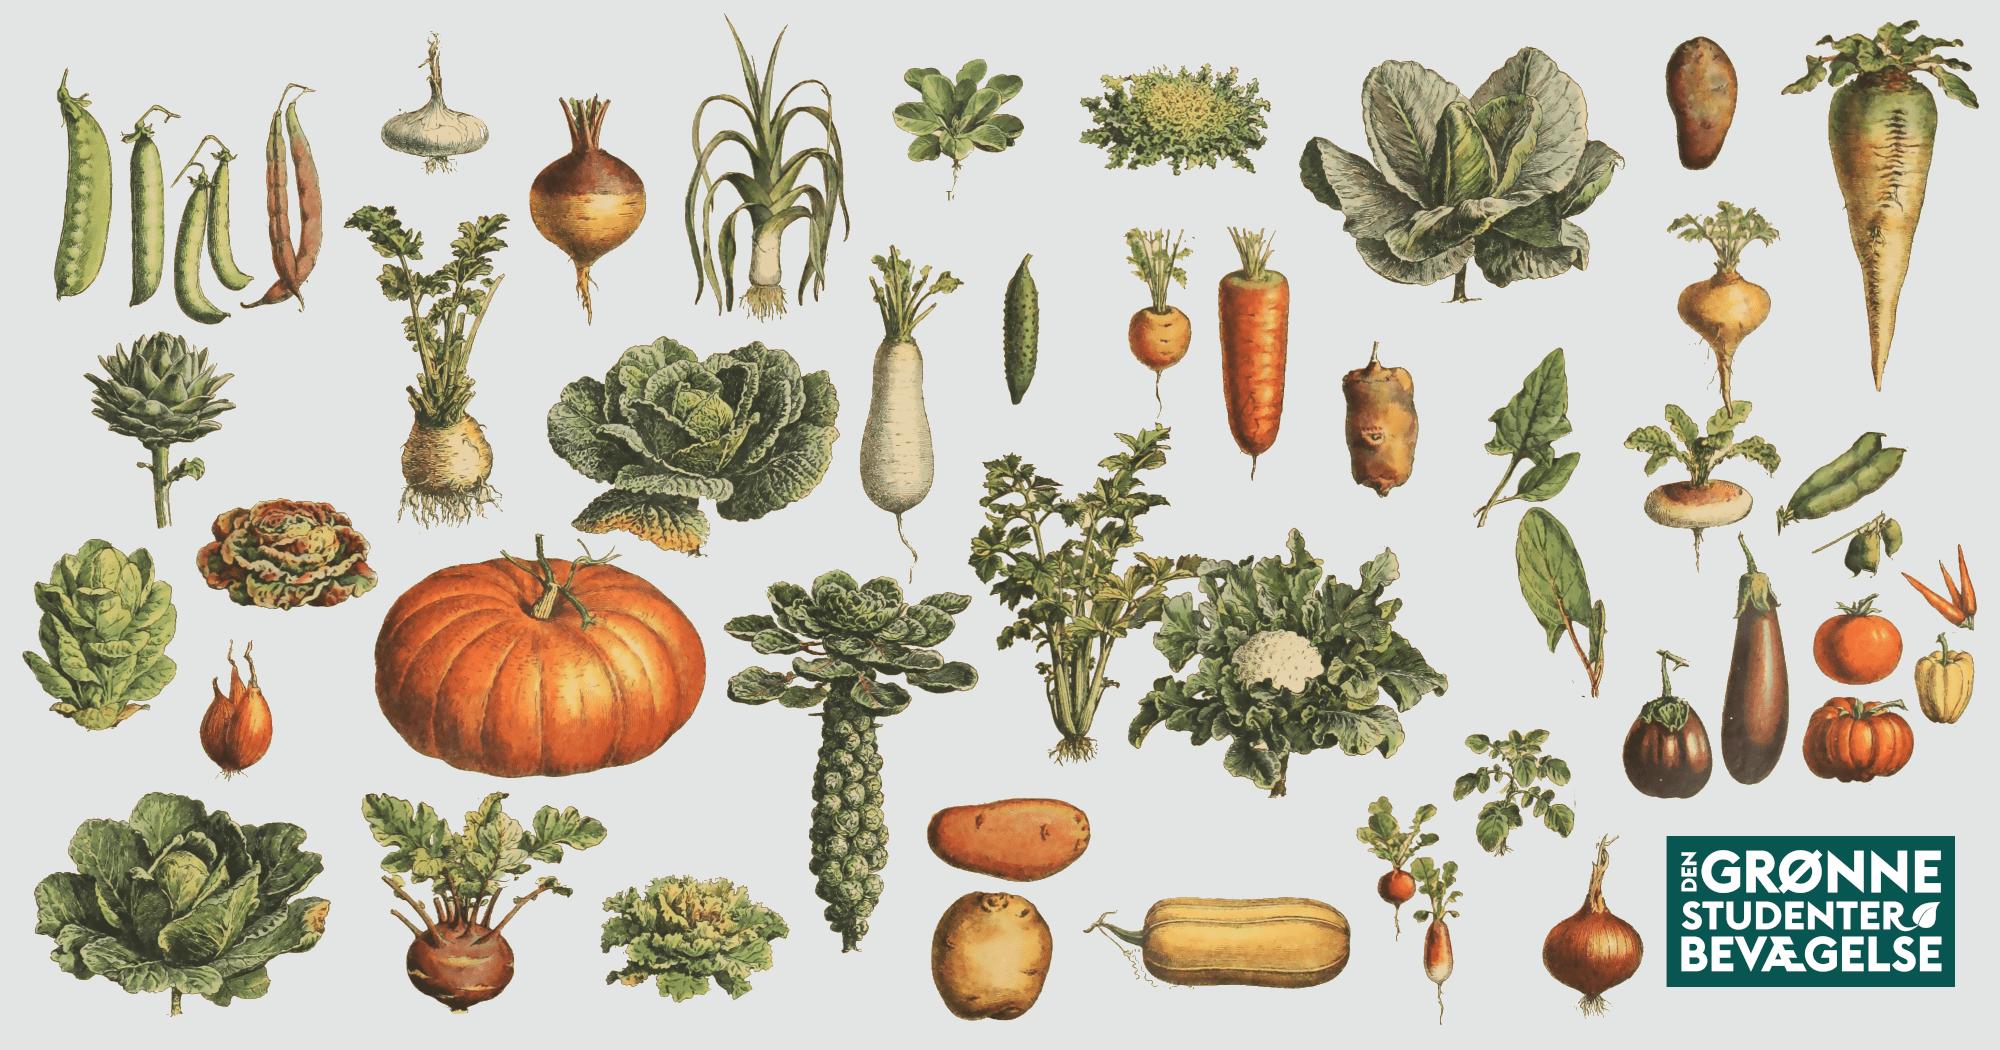 Mad til mennesker - en ny epoke for klimavenligt landbrug